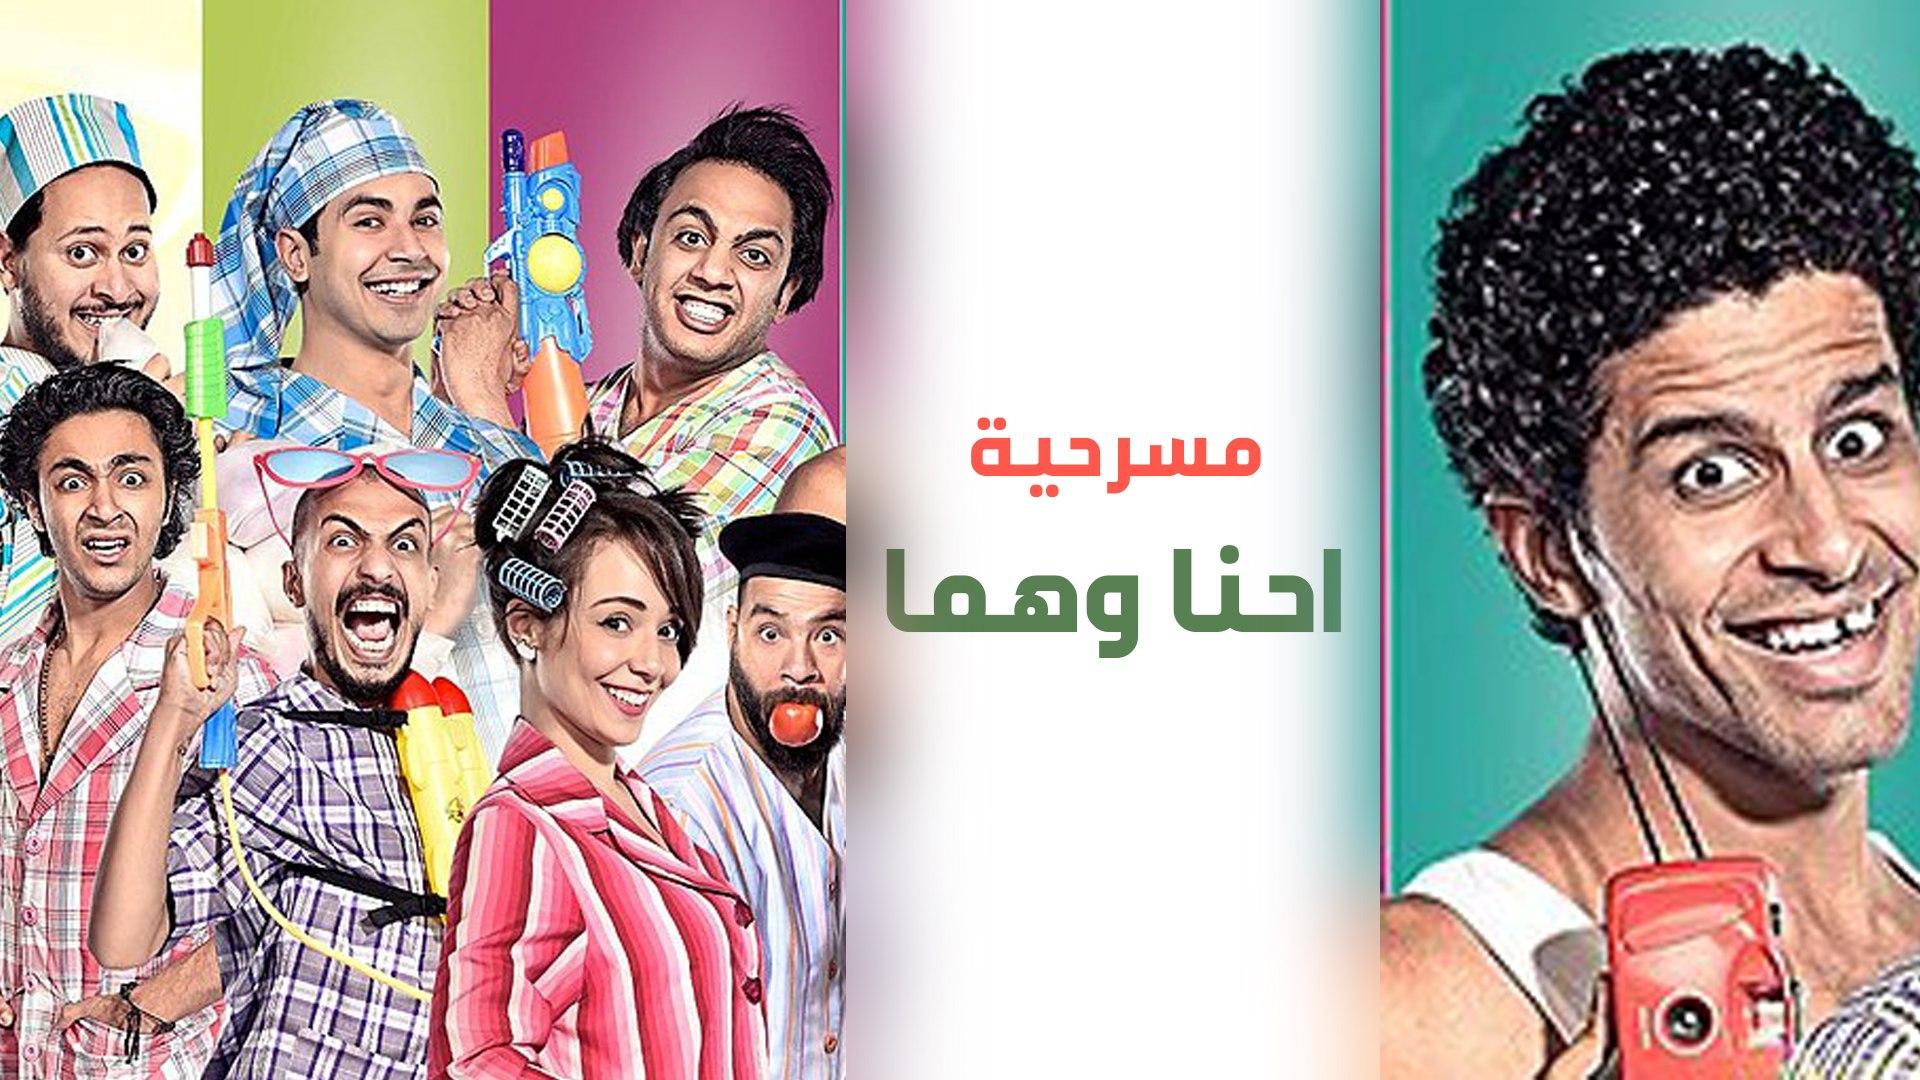 مسرح مصر الموسم الأول الحلقة 14 الرابعة عشر إحنا و هما R فيديو